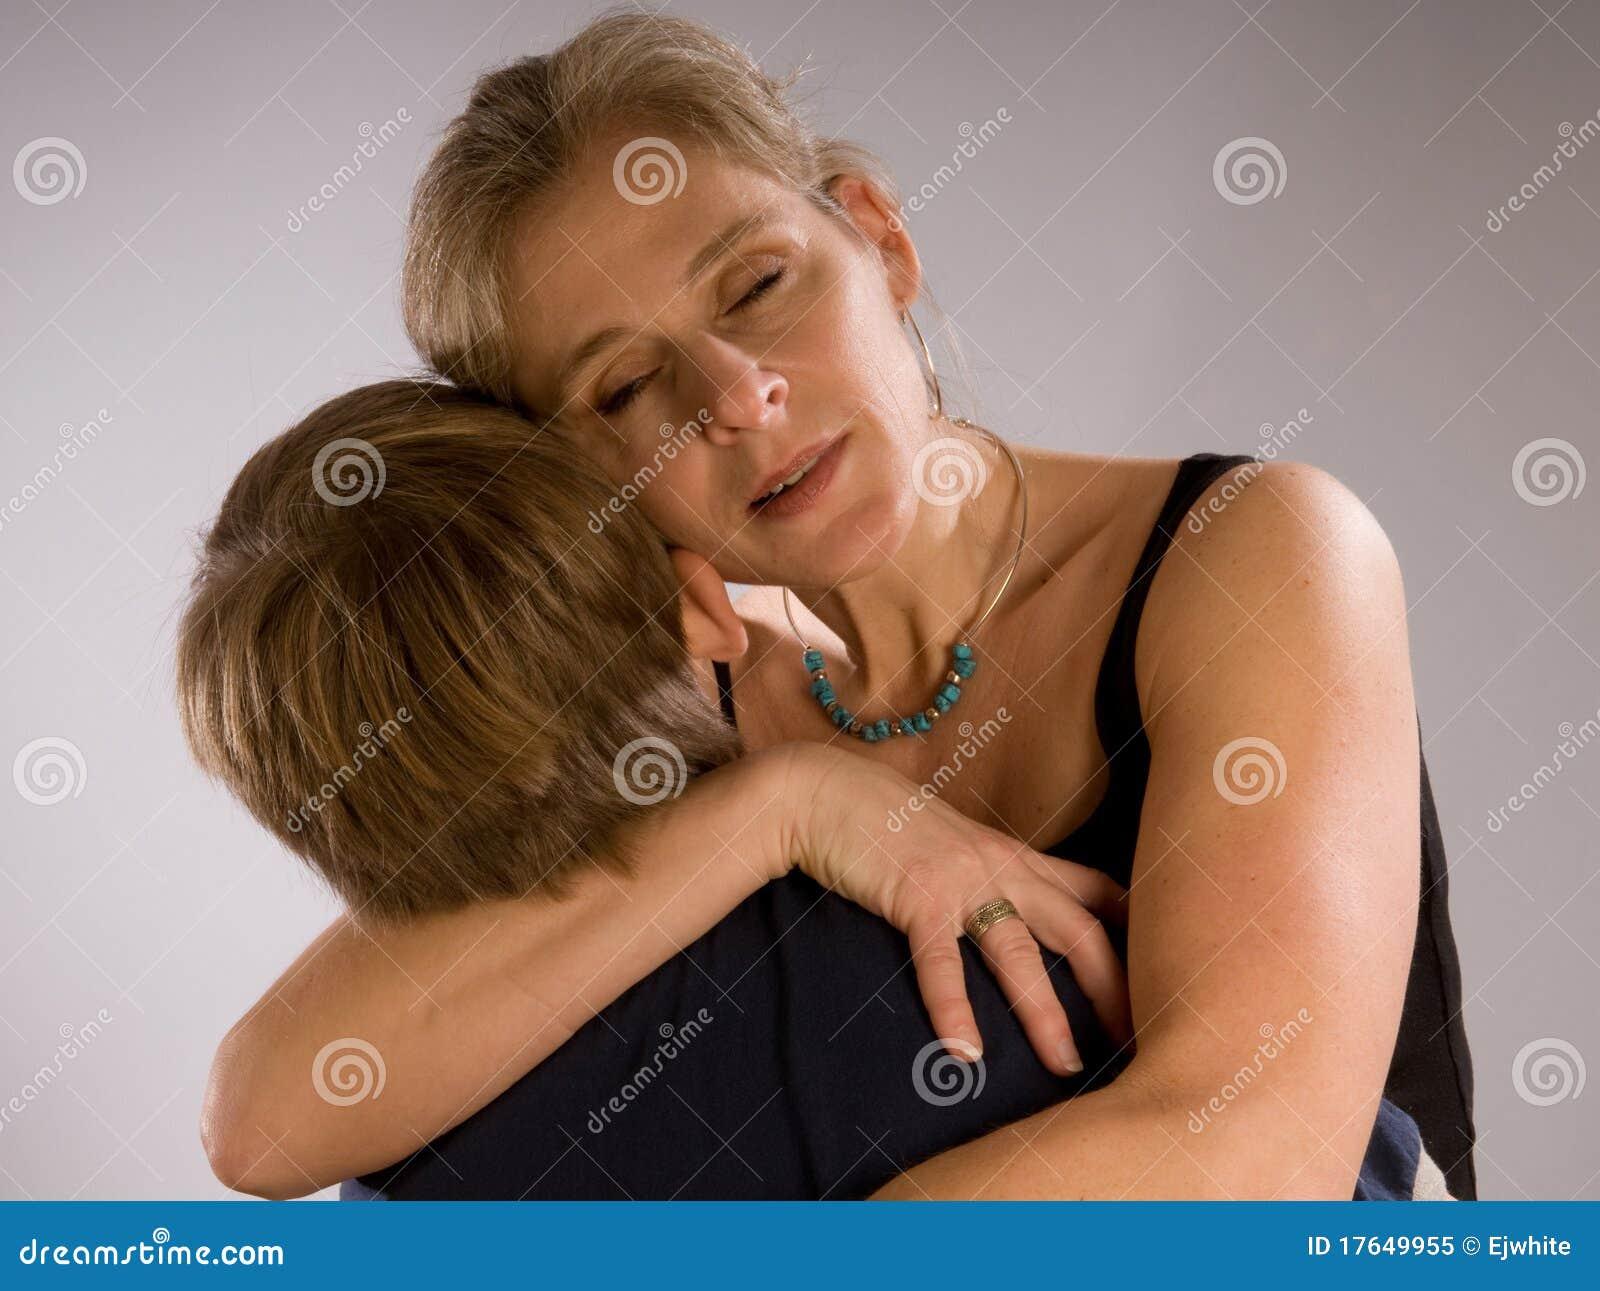 Син трахнув пяну маму, Пьяная Мать сын -видео. Смотреть Пьяная Мать сын 21 фотография